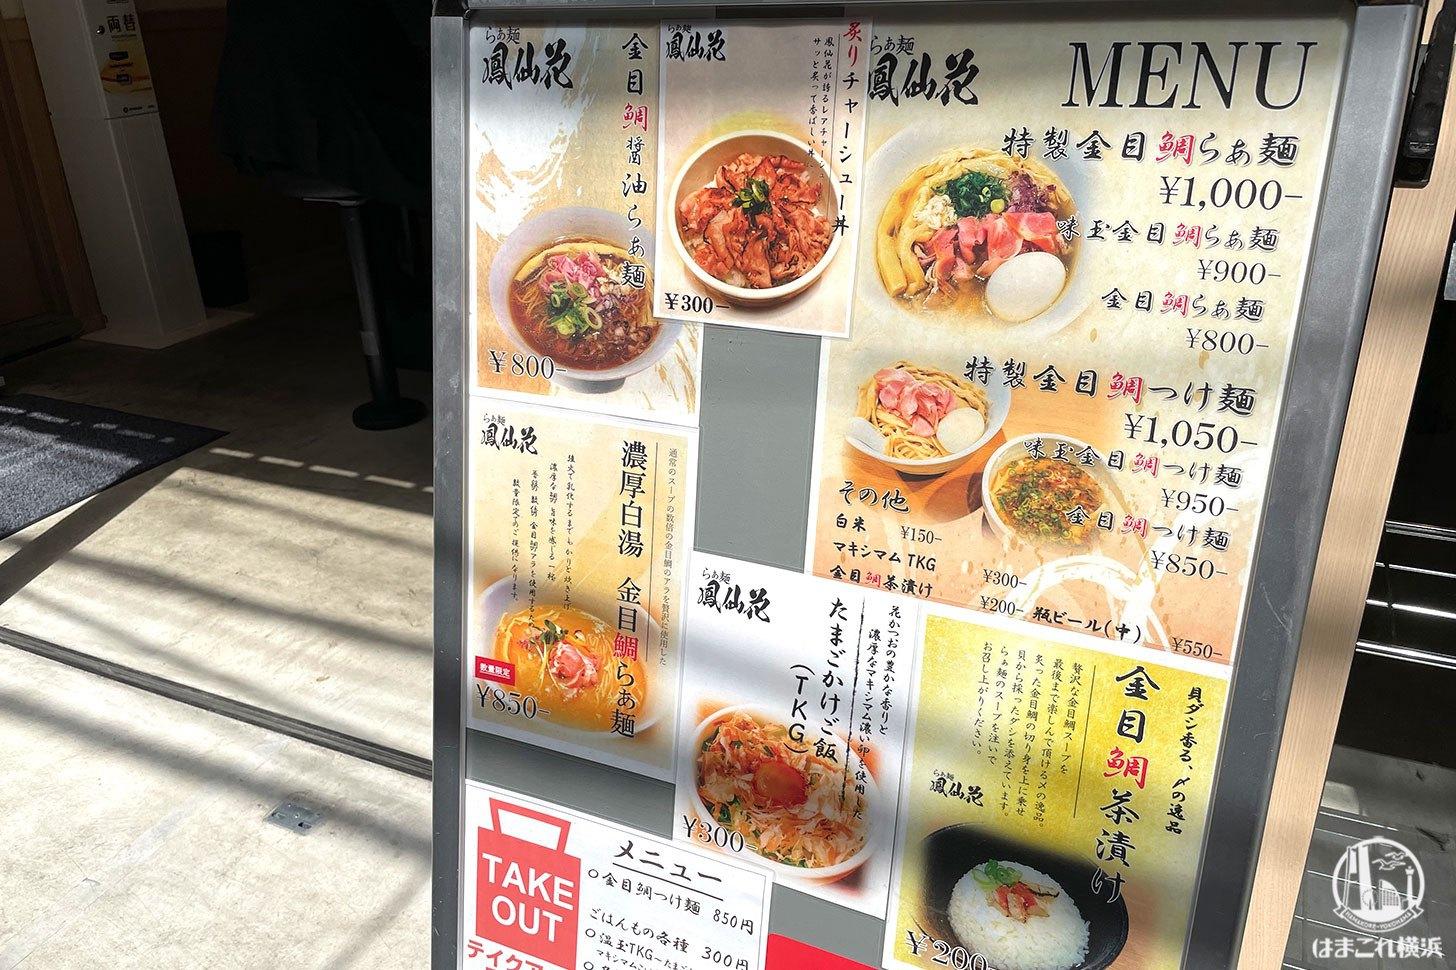 特製金目鯛らぁ麺 メニュー